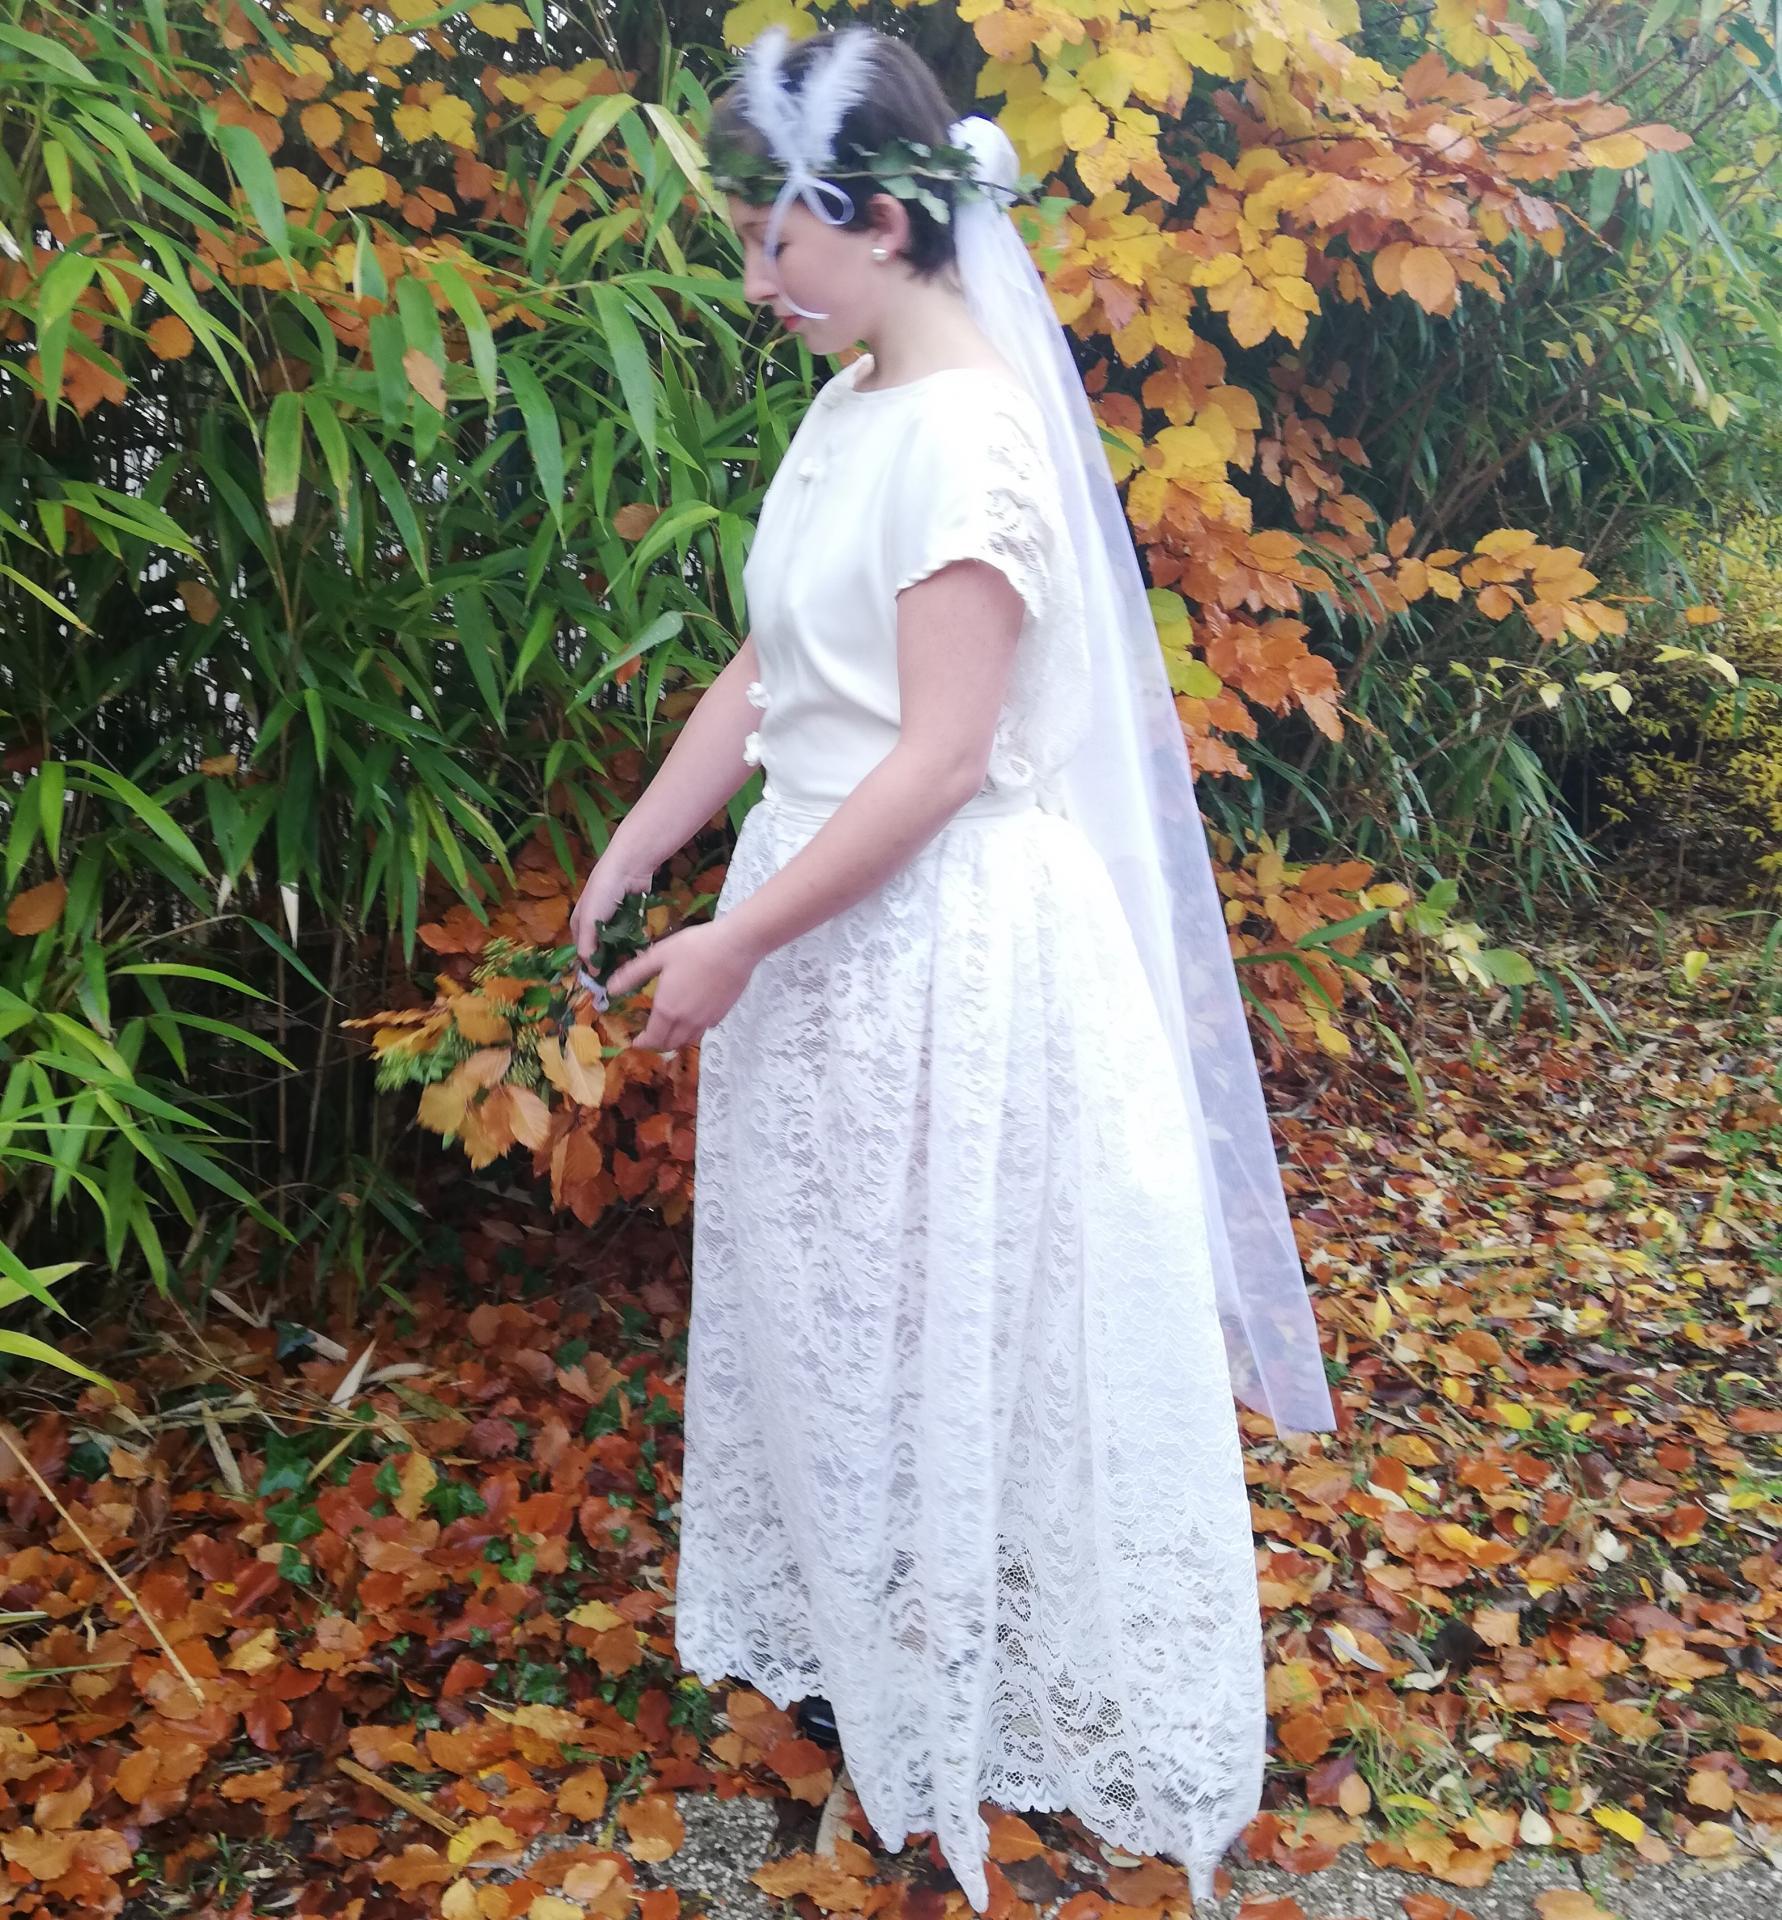 Robe de mariee reversible dentelle tulle et viscose rose faconnee a la main avec un coeur de nacre couronne fleurs et plumes fifi au jardin pose 10